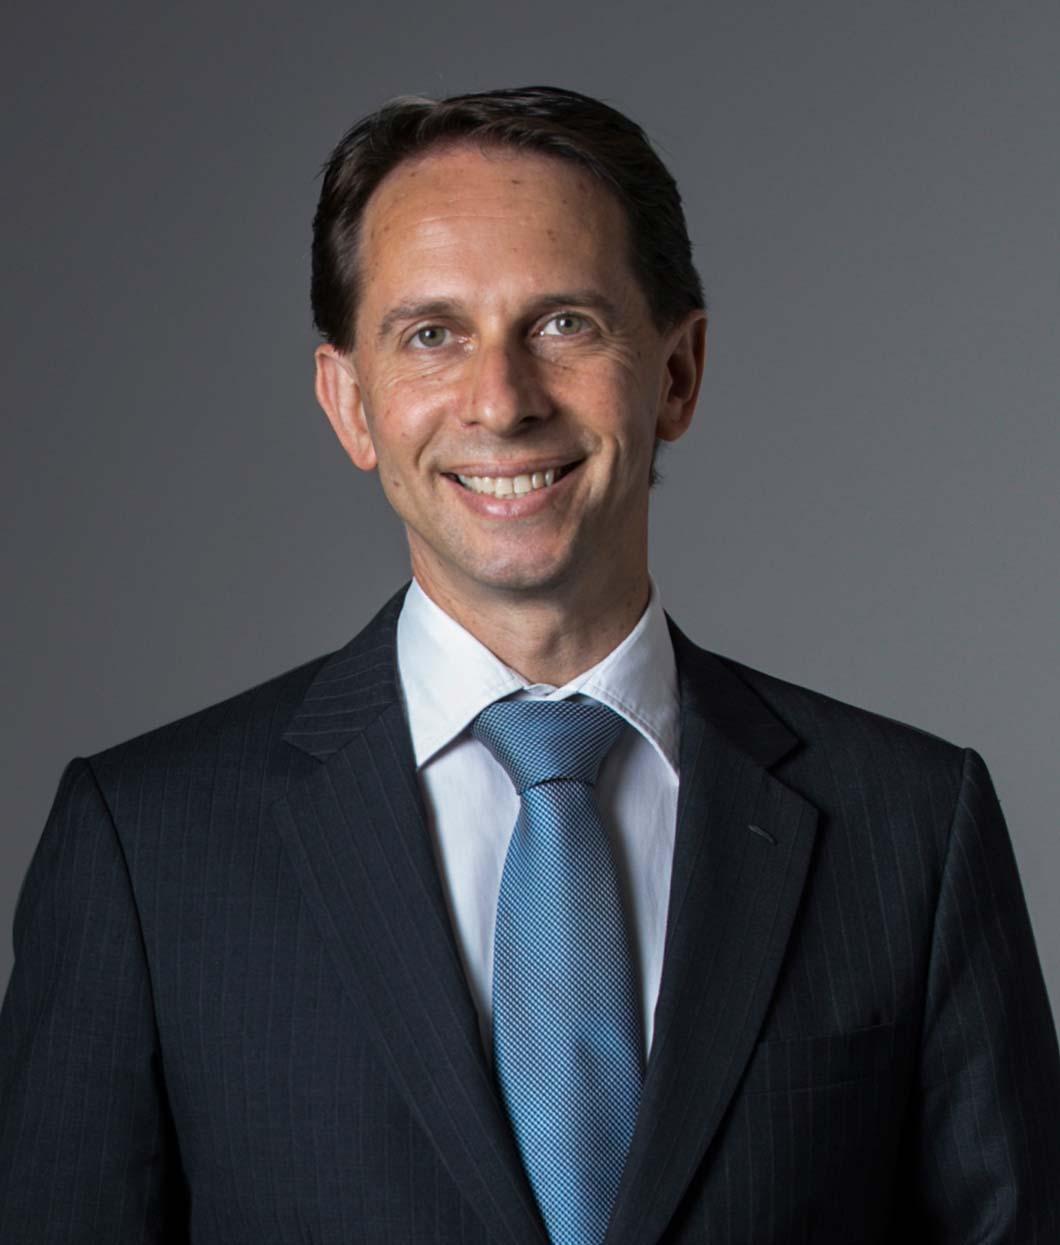 Stefan Balafoutis